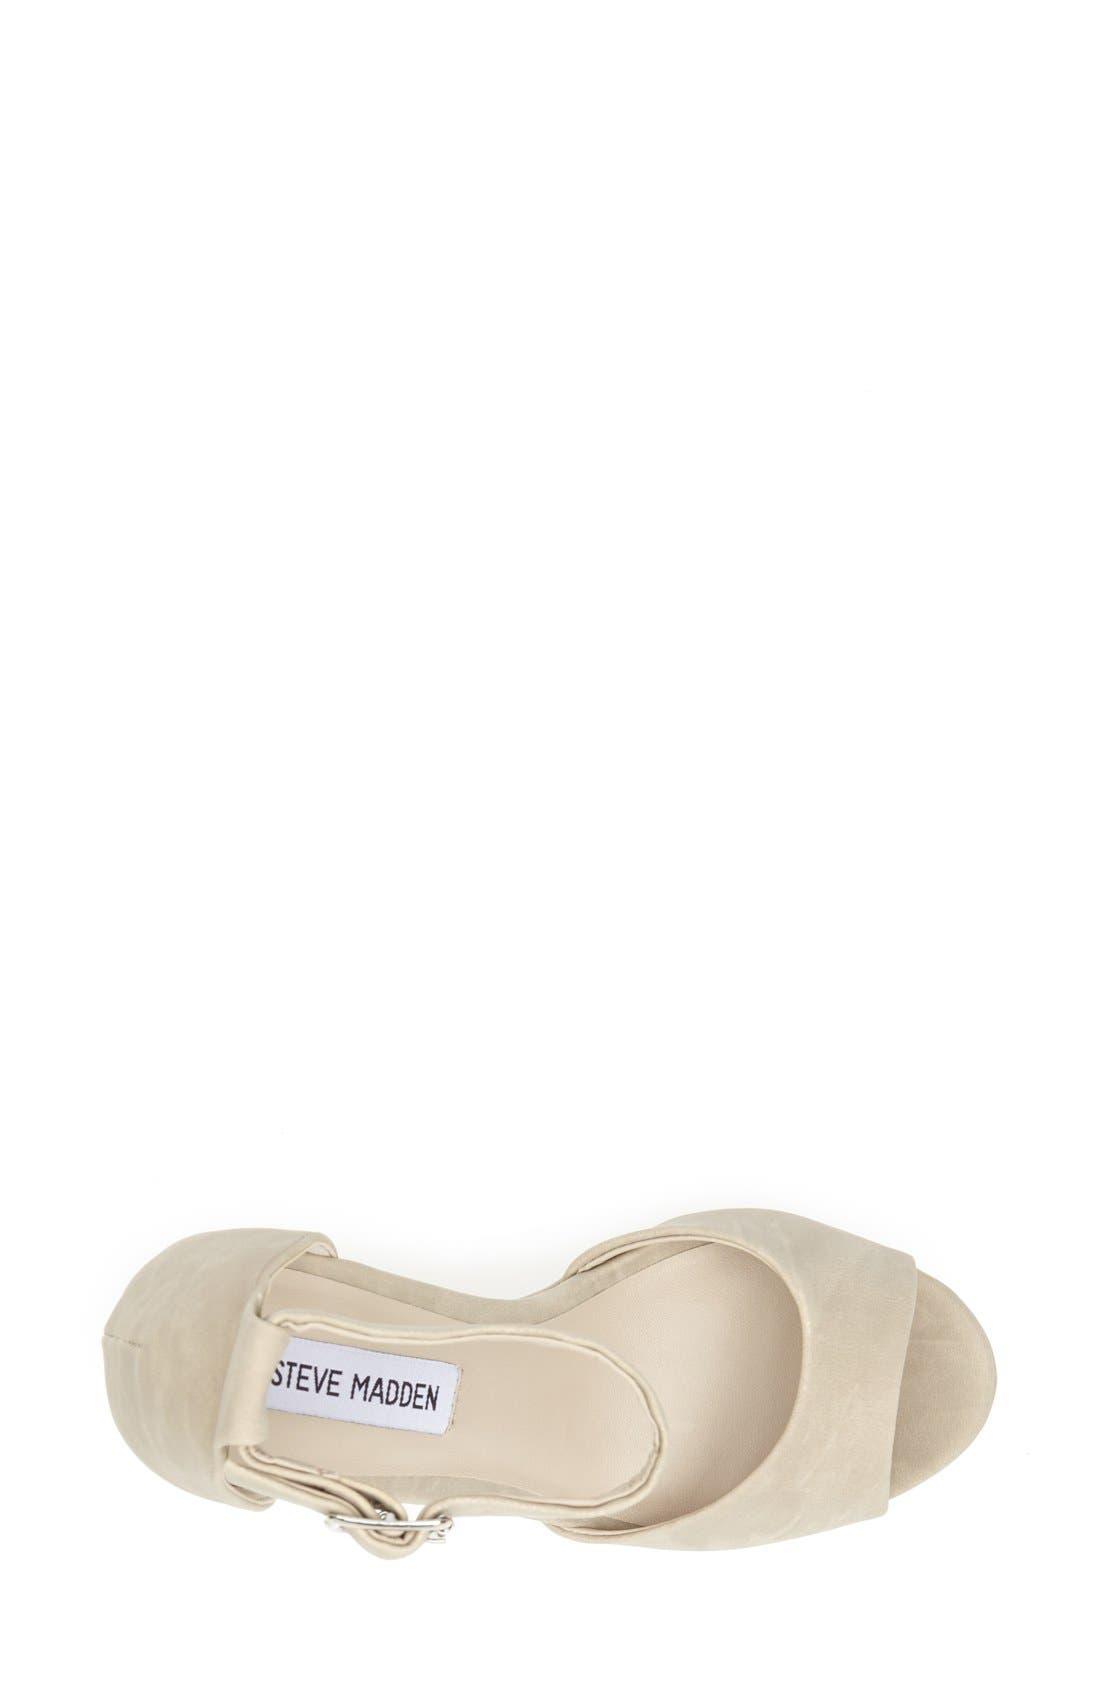 Alternate Image 3  - Steve Madden 'Whitman' Ankle Strap Platform Sandal